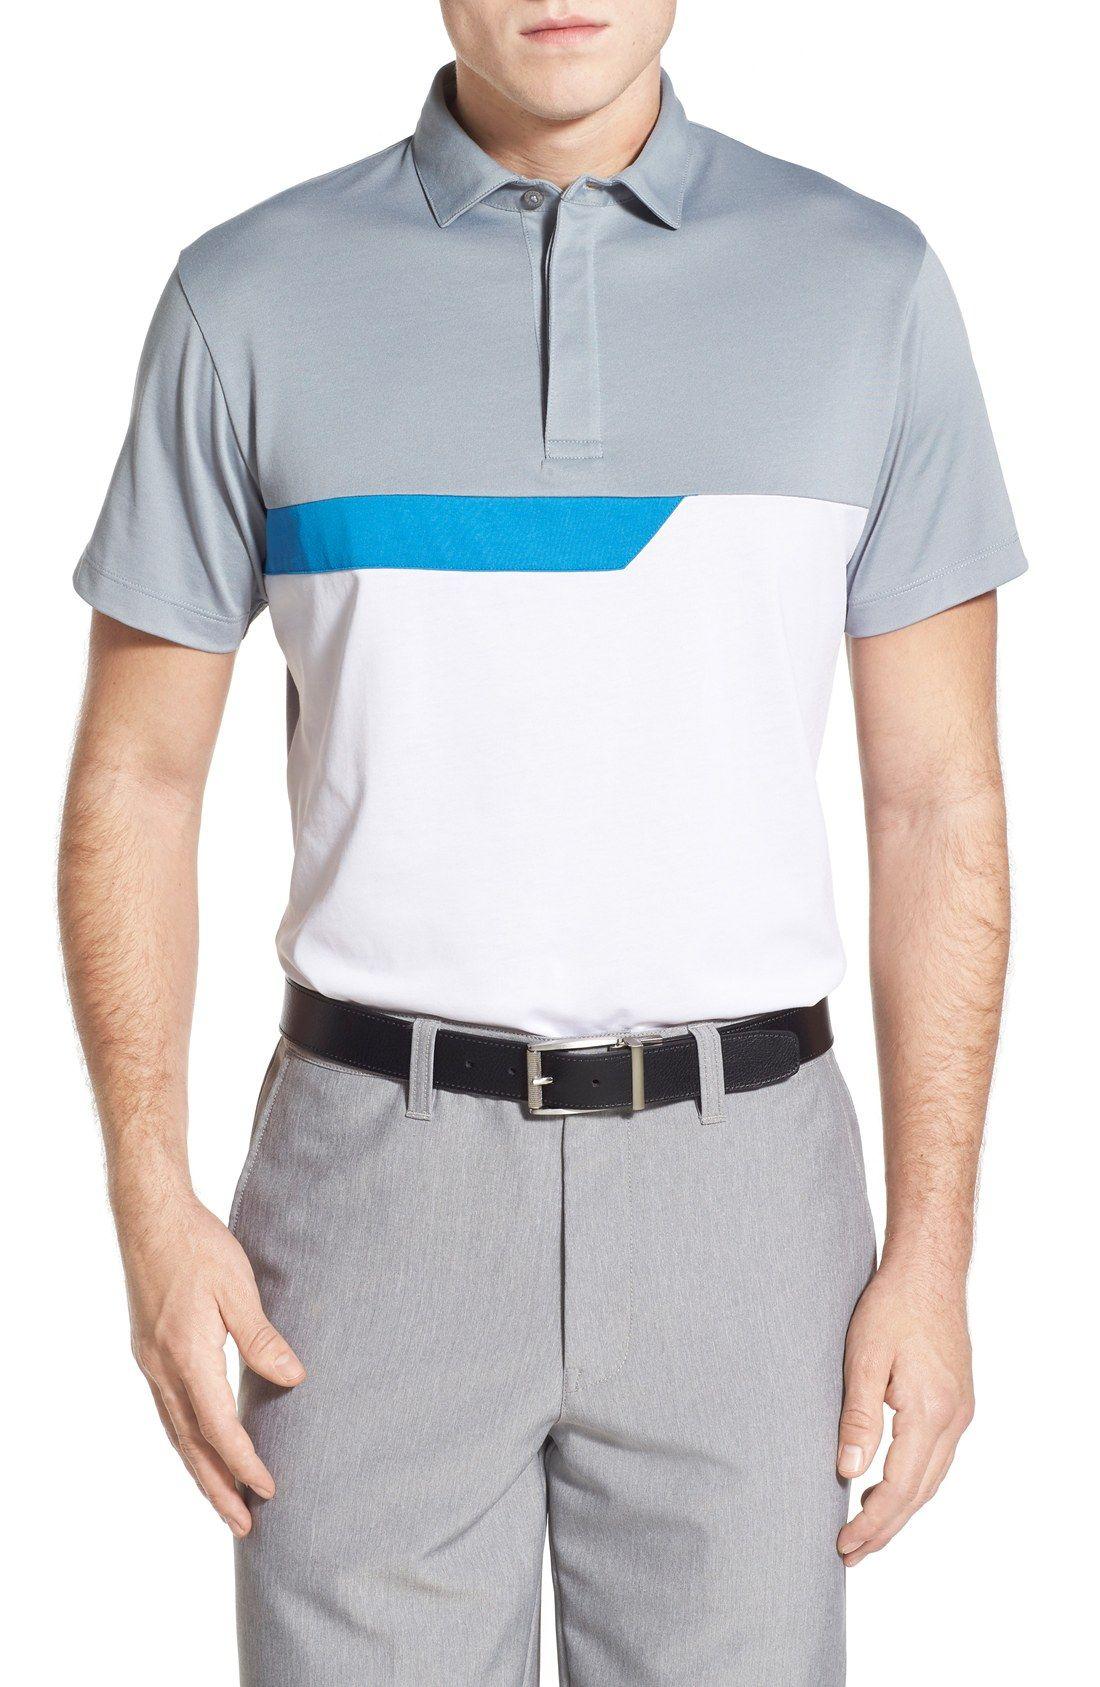 Devereux  Bastille  Colorblock Short Sleeve Polo  227e8d51f6413